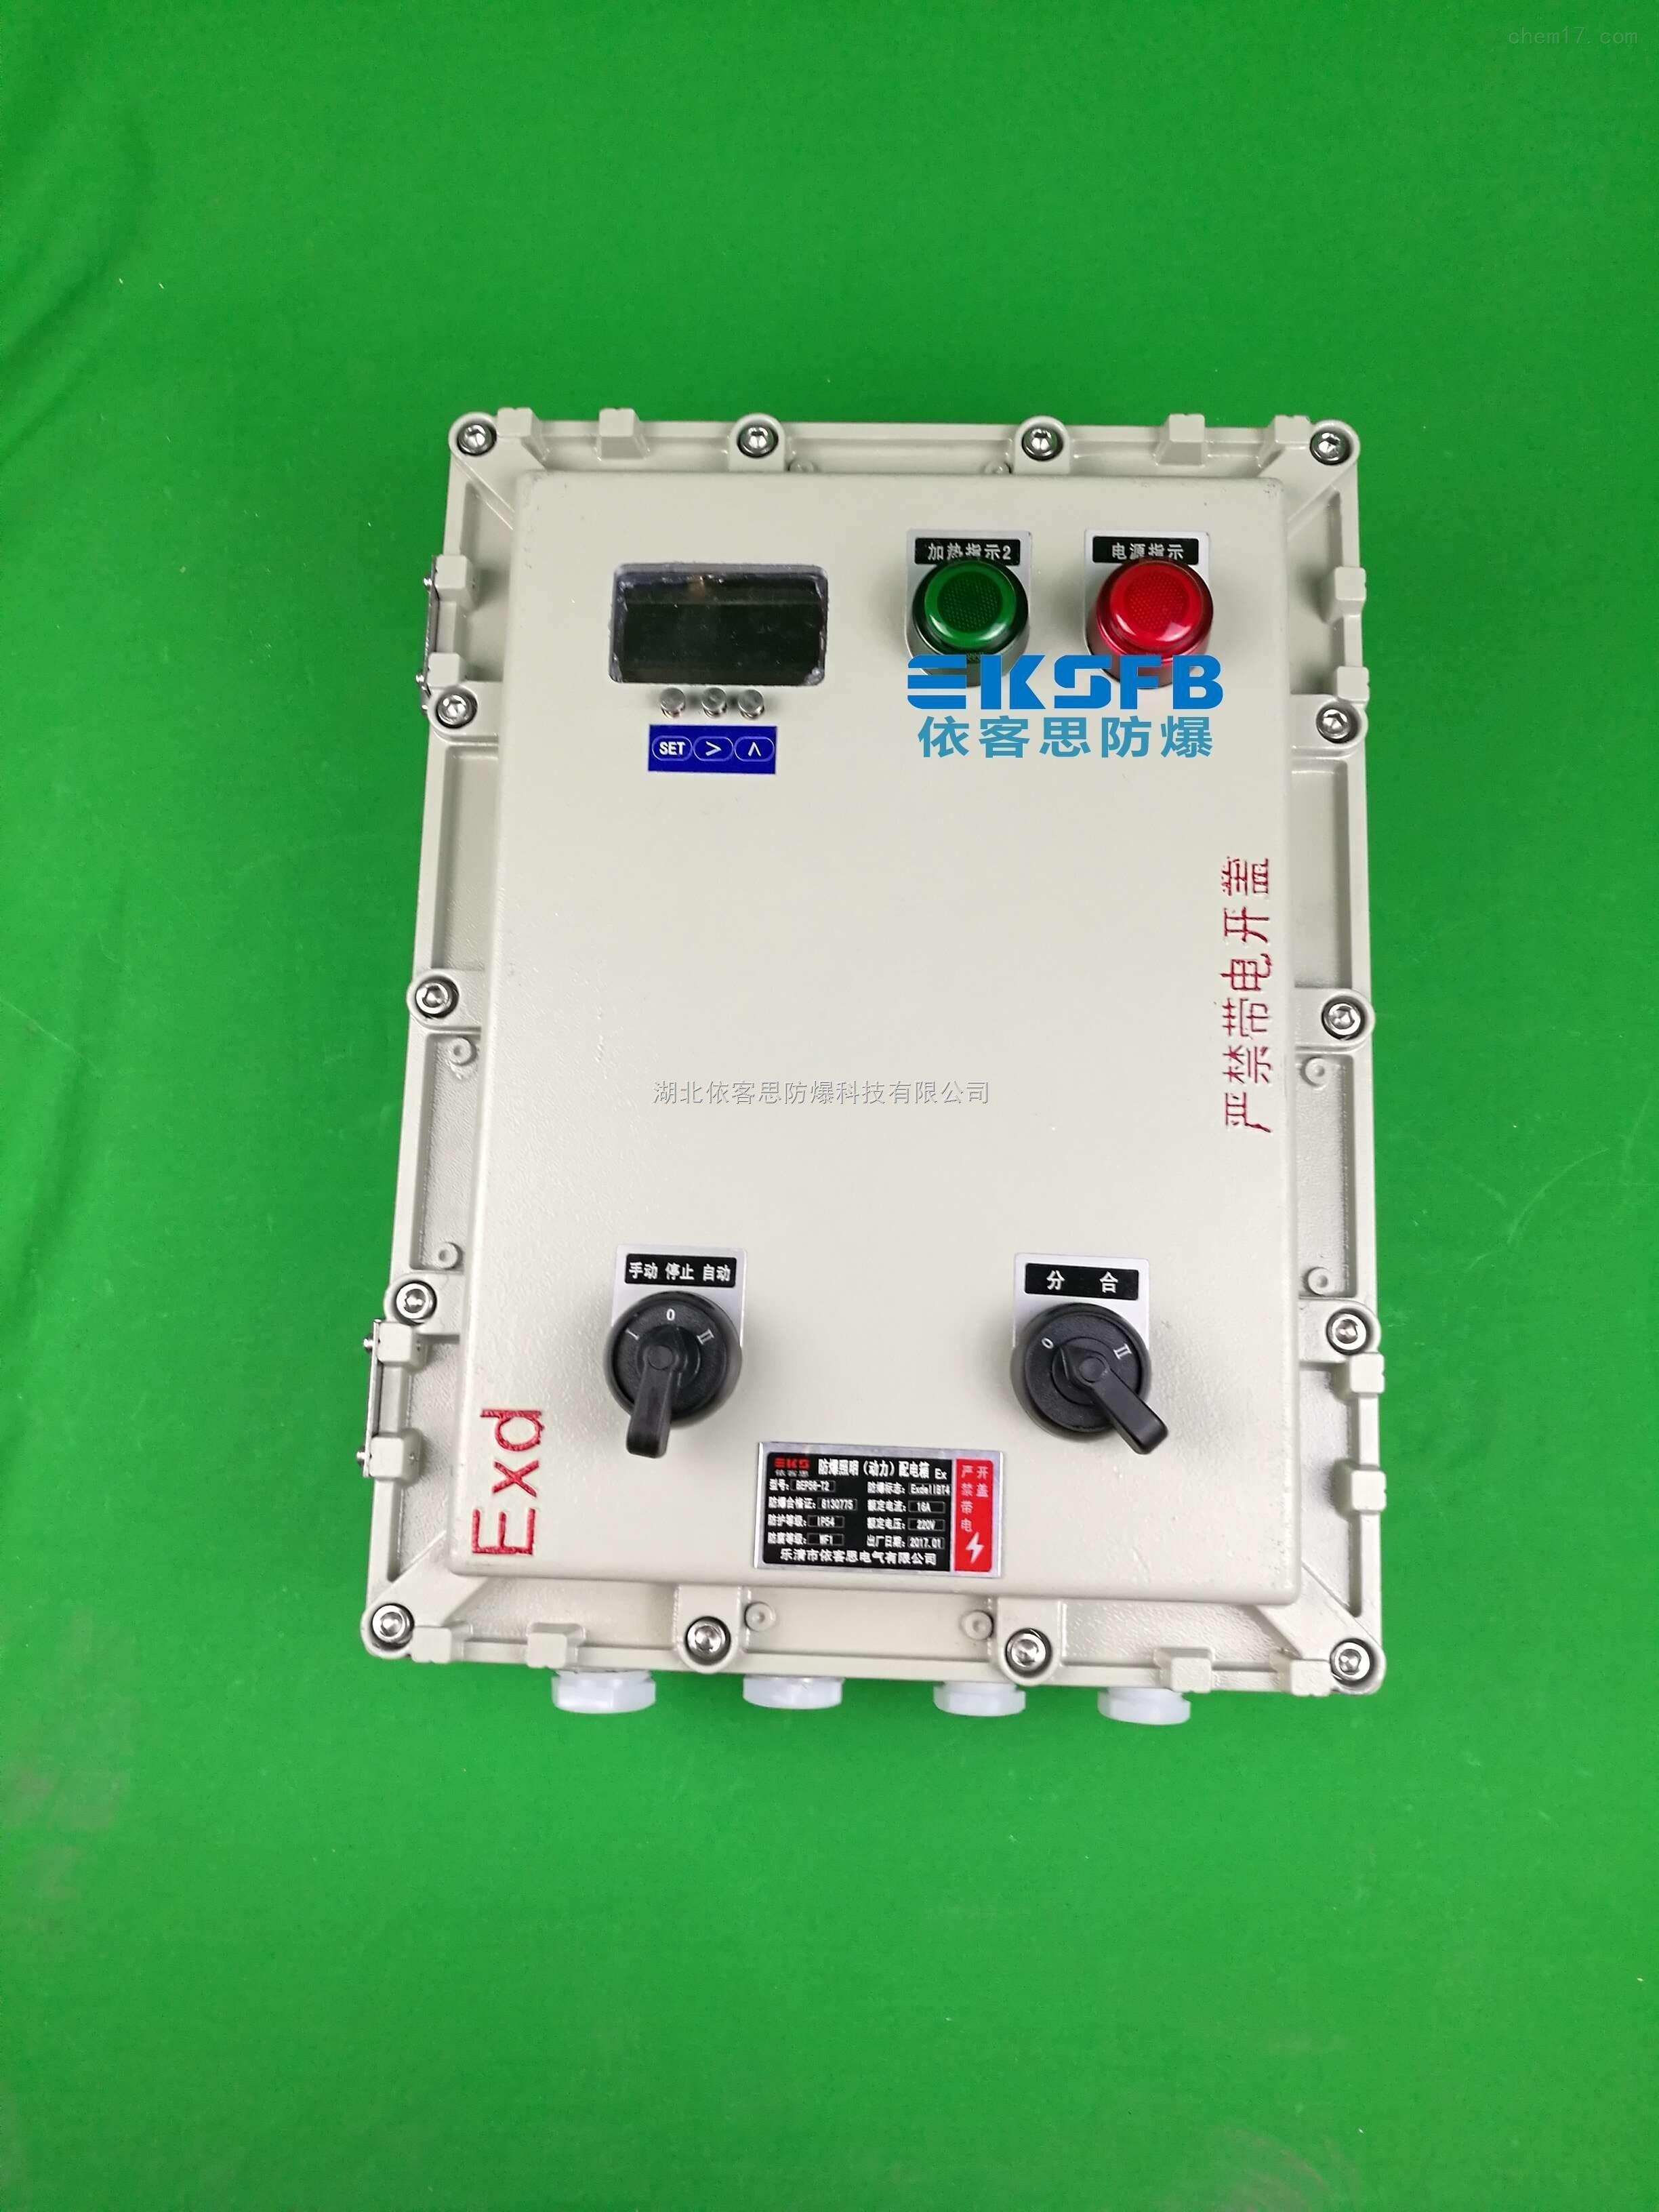 6回路带总开关挂式防爆配电箱